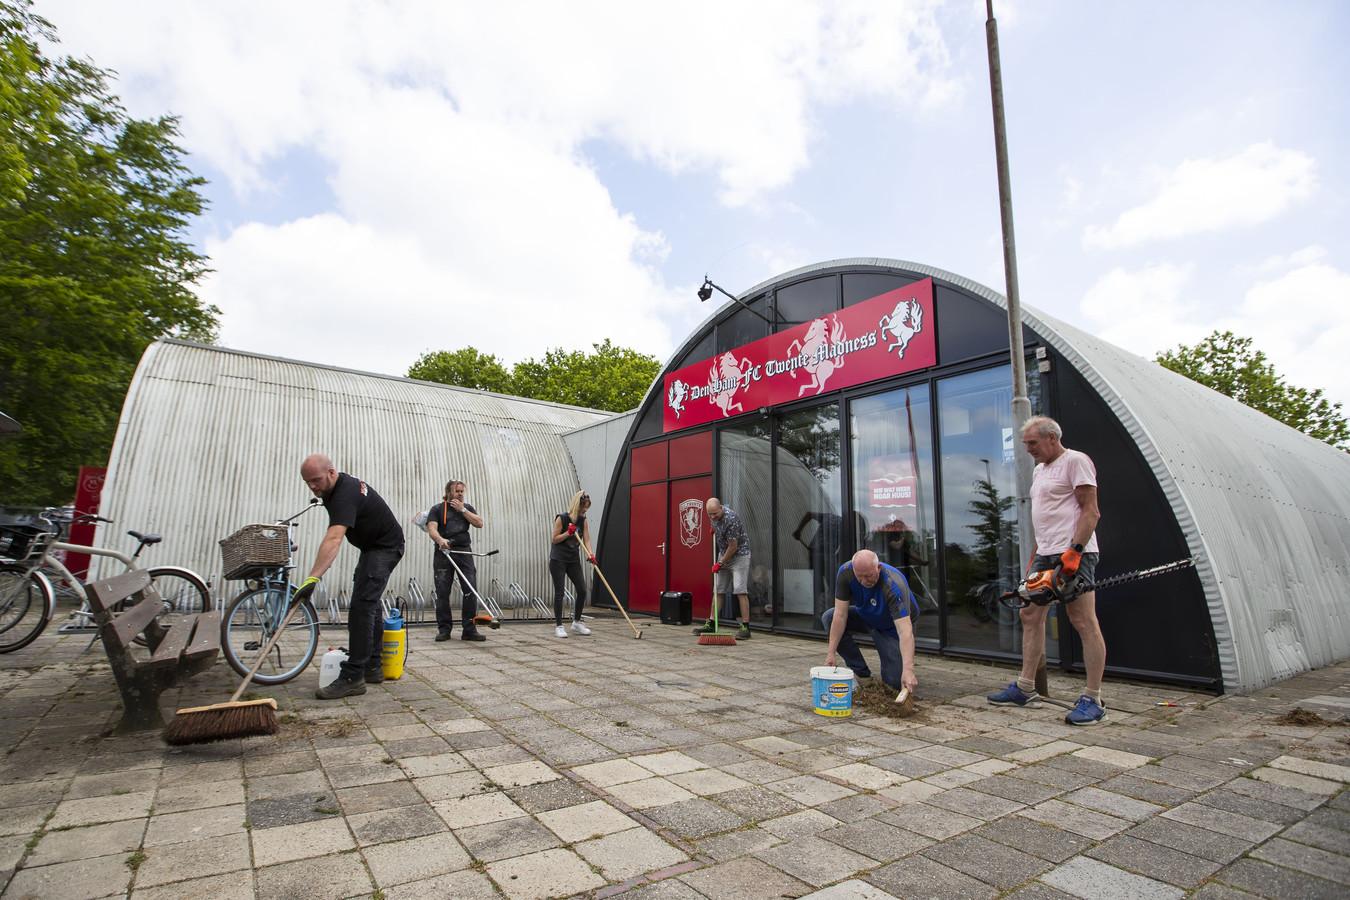 In het kader van NL Doet werd er dit voorjaar nog flink geklust door de leden van Den Ham FC Twente madness. Het pand ligt er uitstekend onderhouden bij. Maar de huurinkomsten liepen terug door corona. Twenterand wil niet bijpassen.